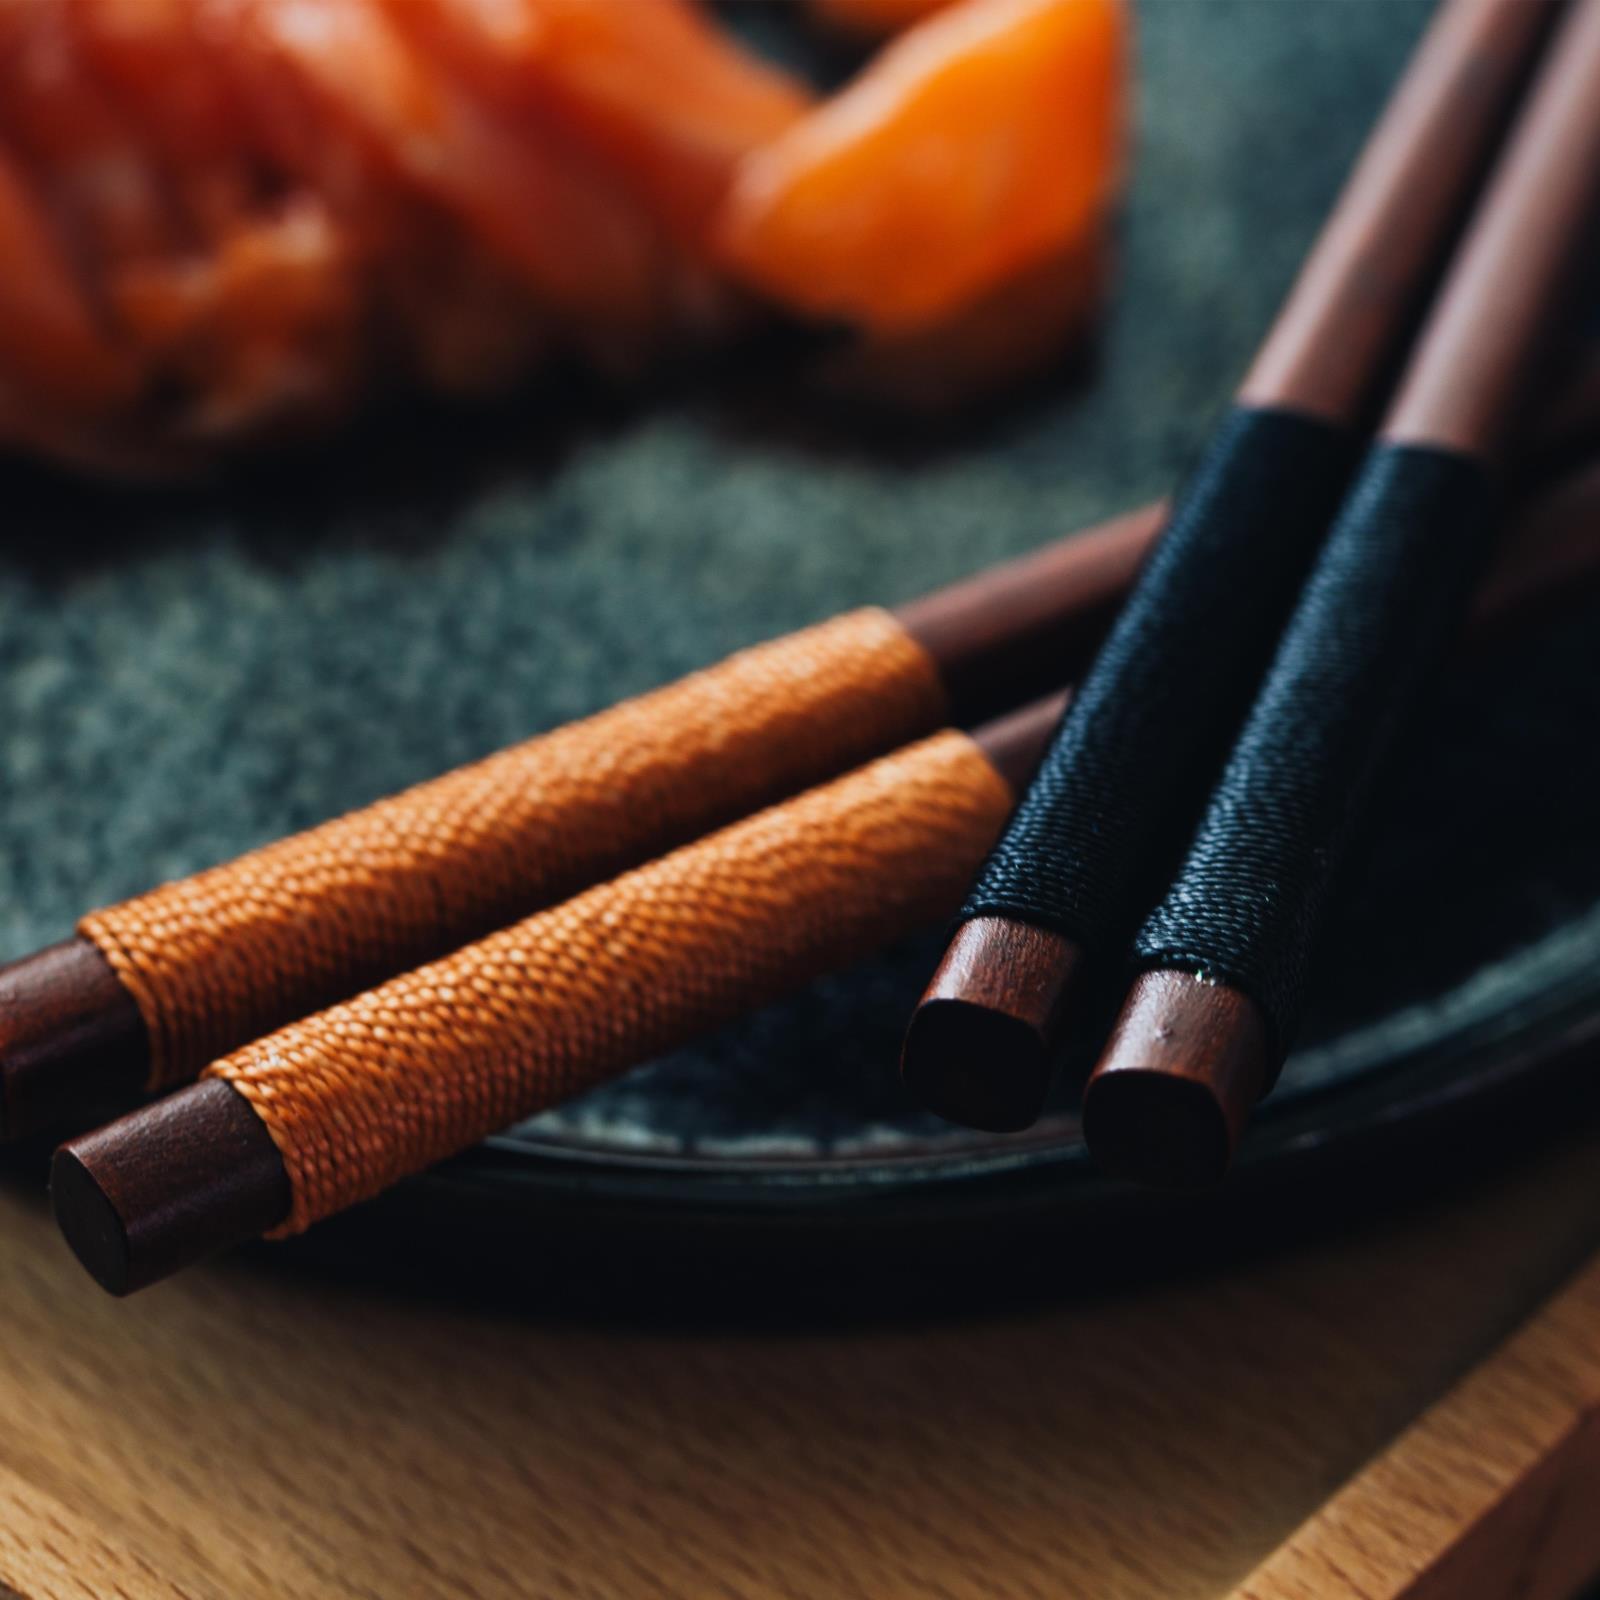 日式餐具复古绕线木筷子 创意铁刀木料理用绕绳筷杂货zakka